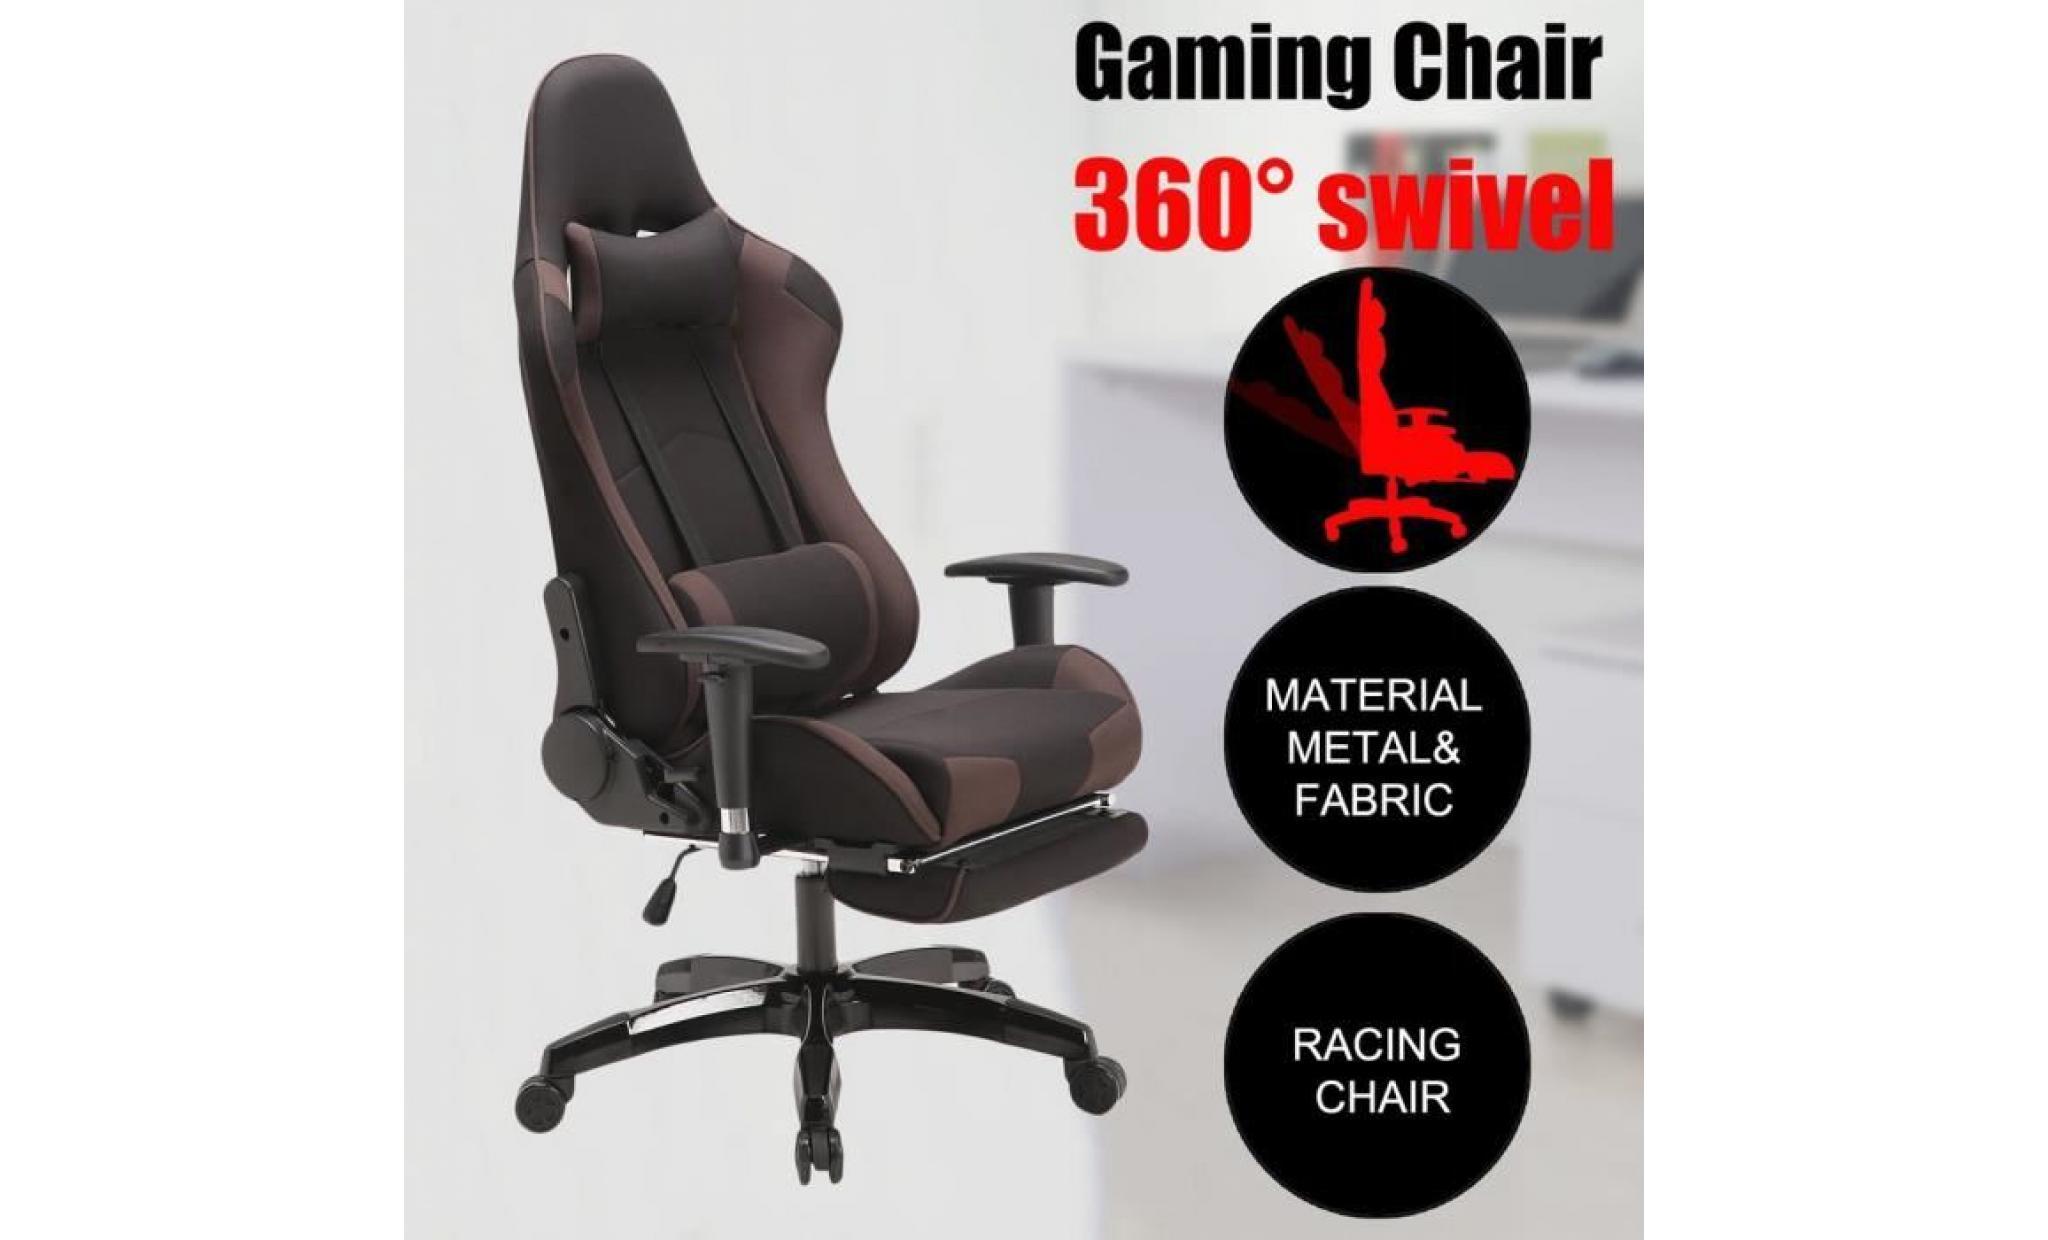 fauteuil gamer chaise de jeu fauteuil de bureau pivot tissu respirant avec appui tete et support lombaire noir achat vente fauteuil de bureau pas cher couleur et design fr